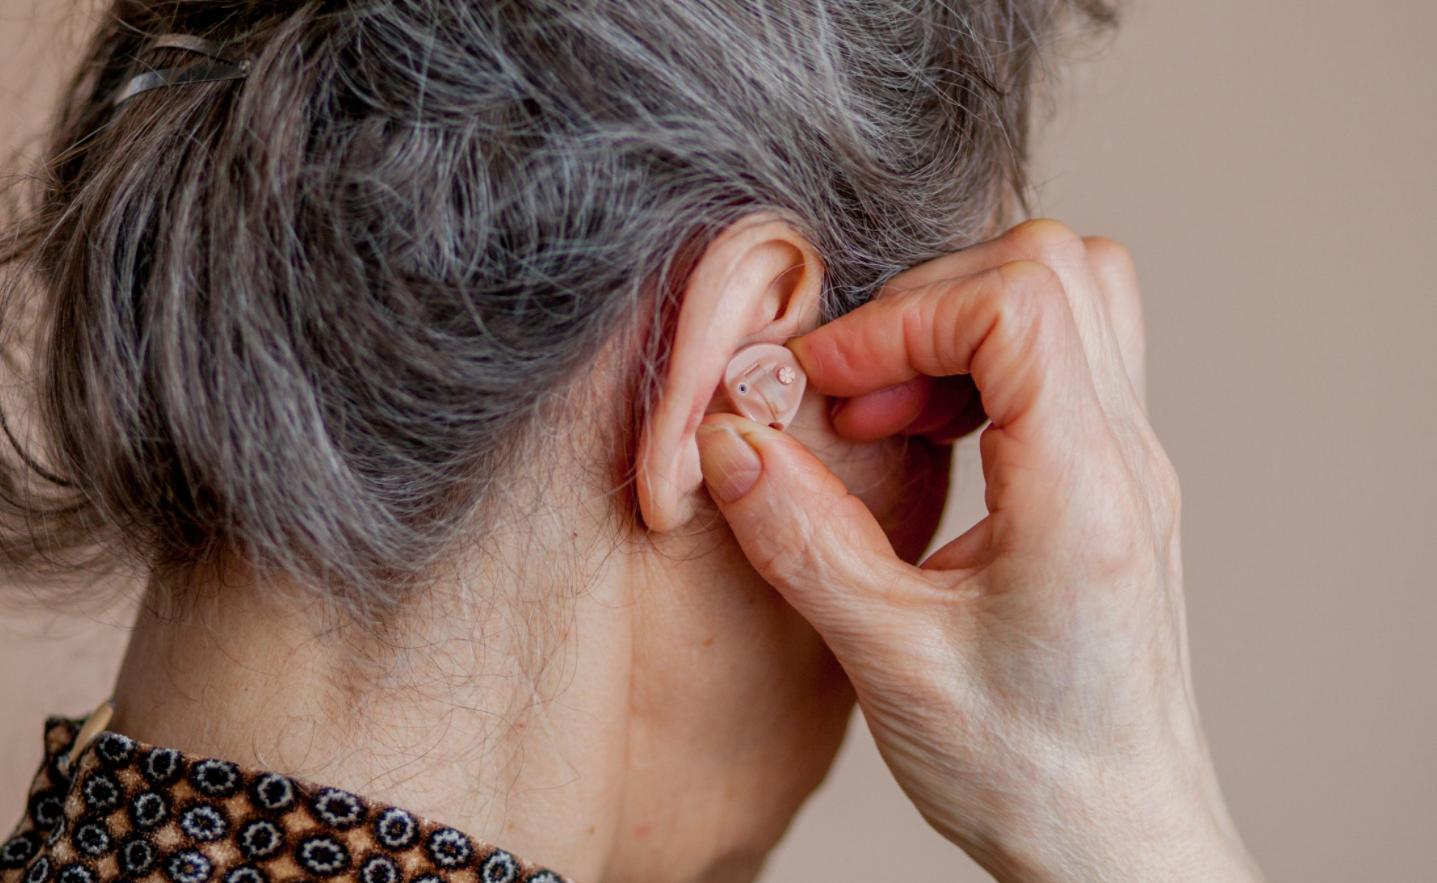 personne âgée cheveux gris met prothèse auditive oreille